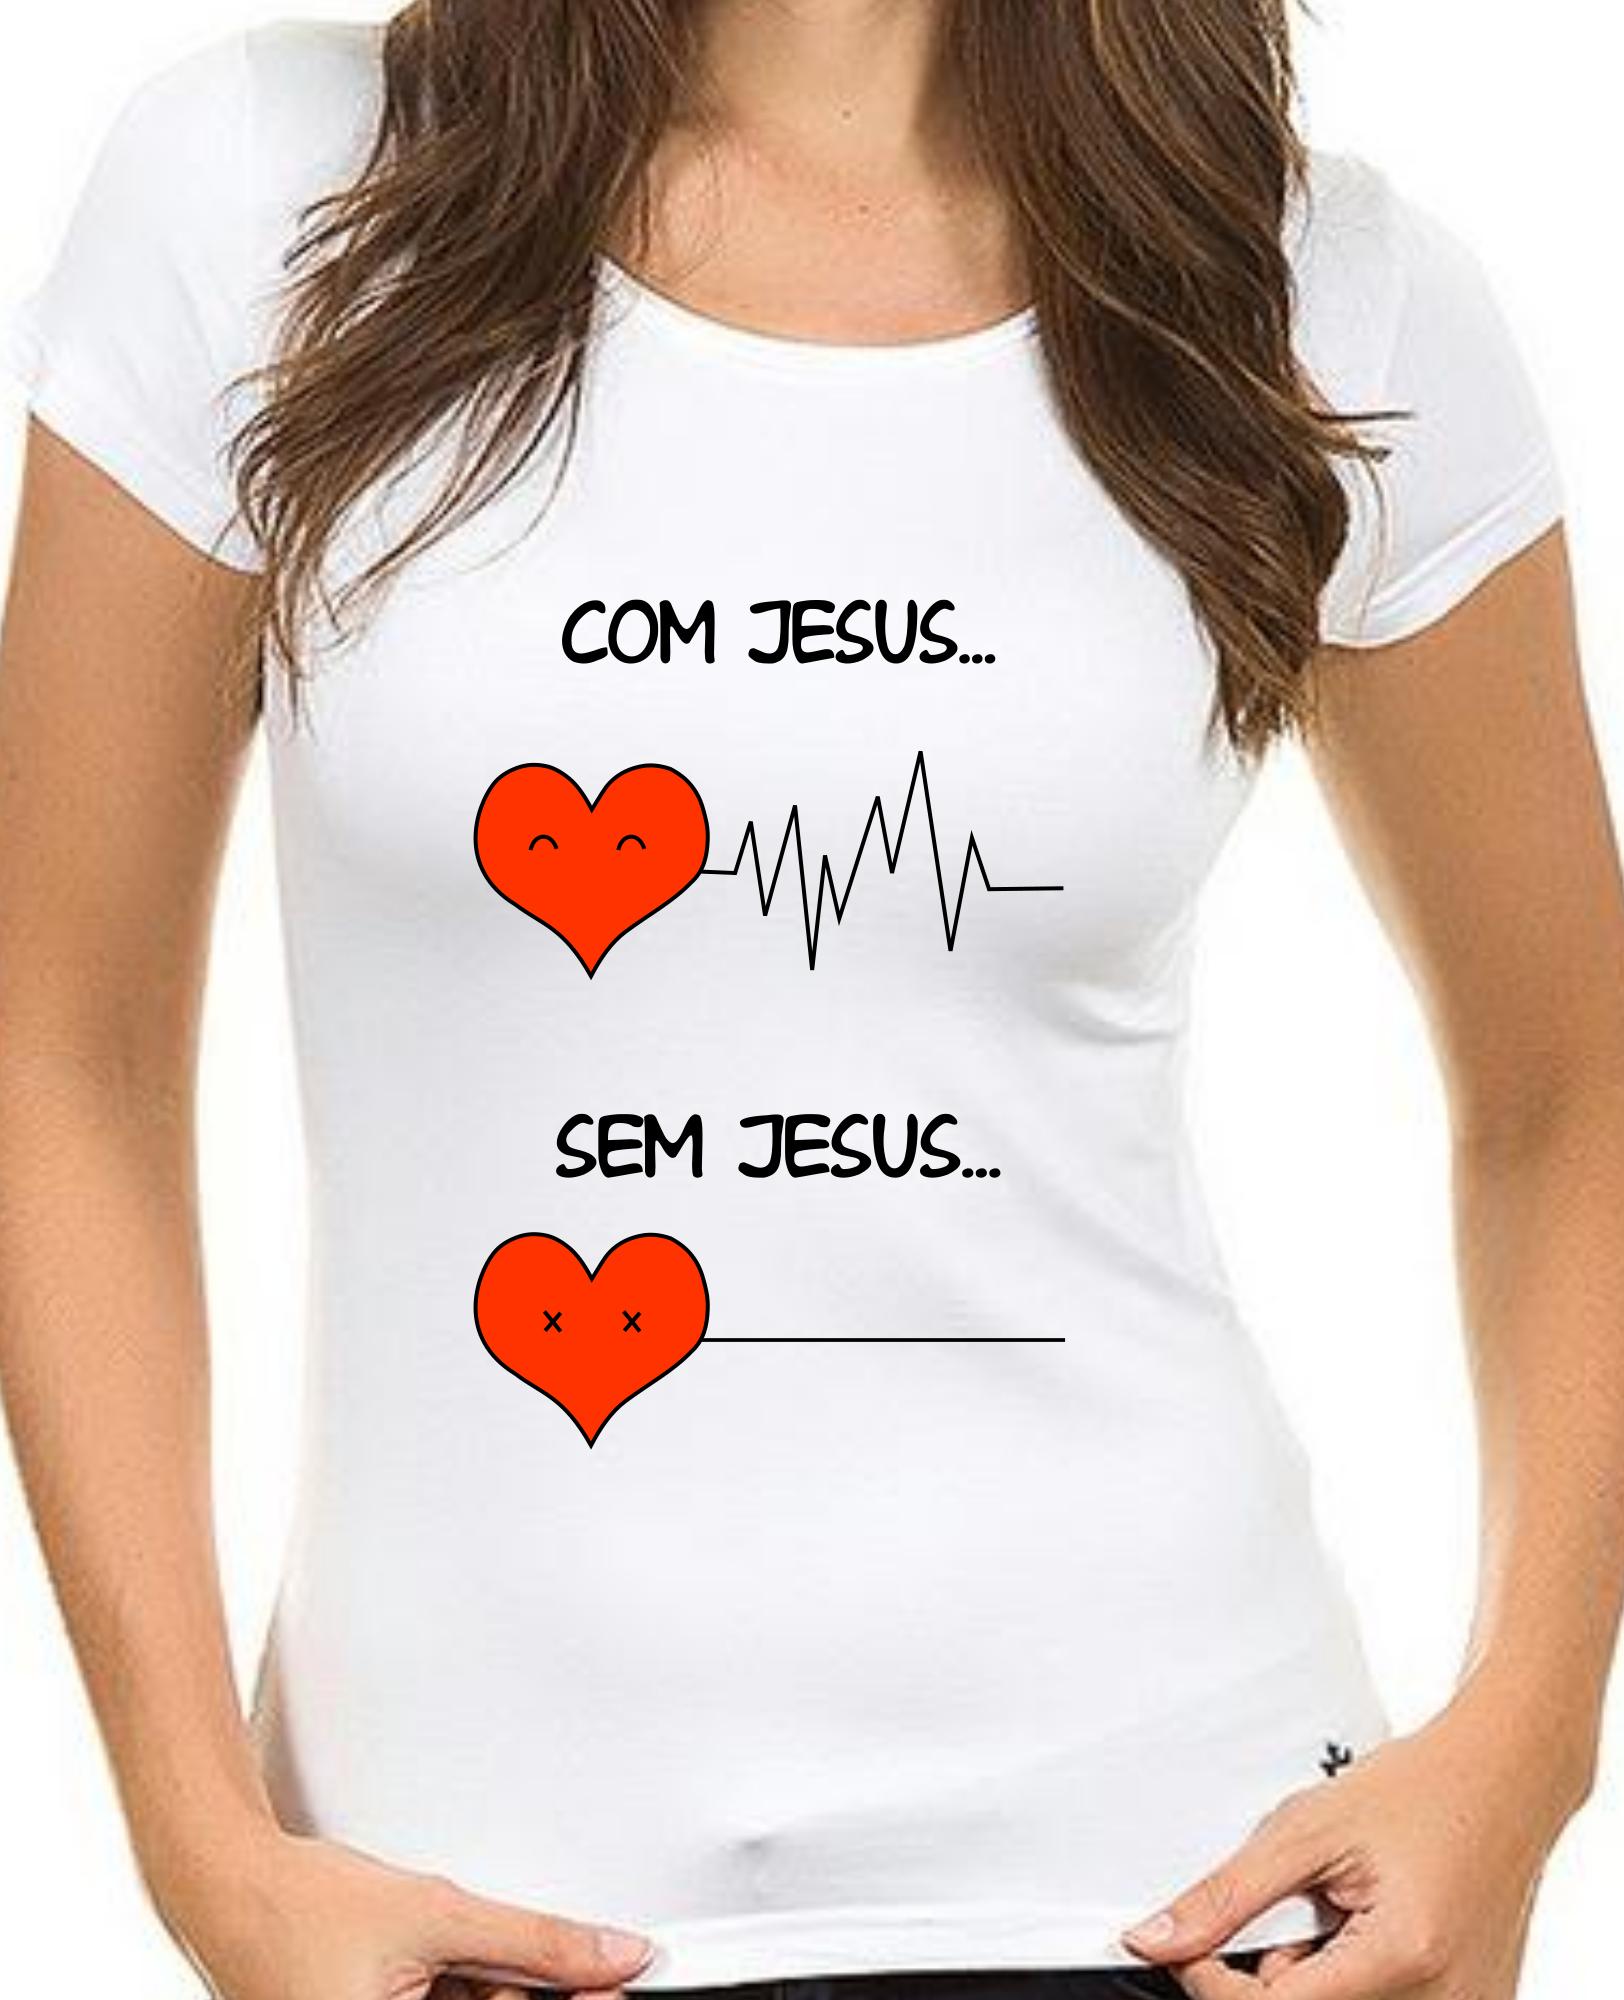 Camiseta Evangélica Com Jesus  74f5d3022dc